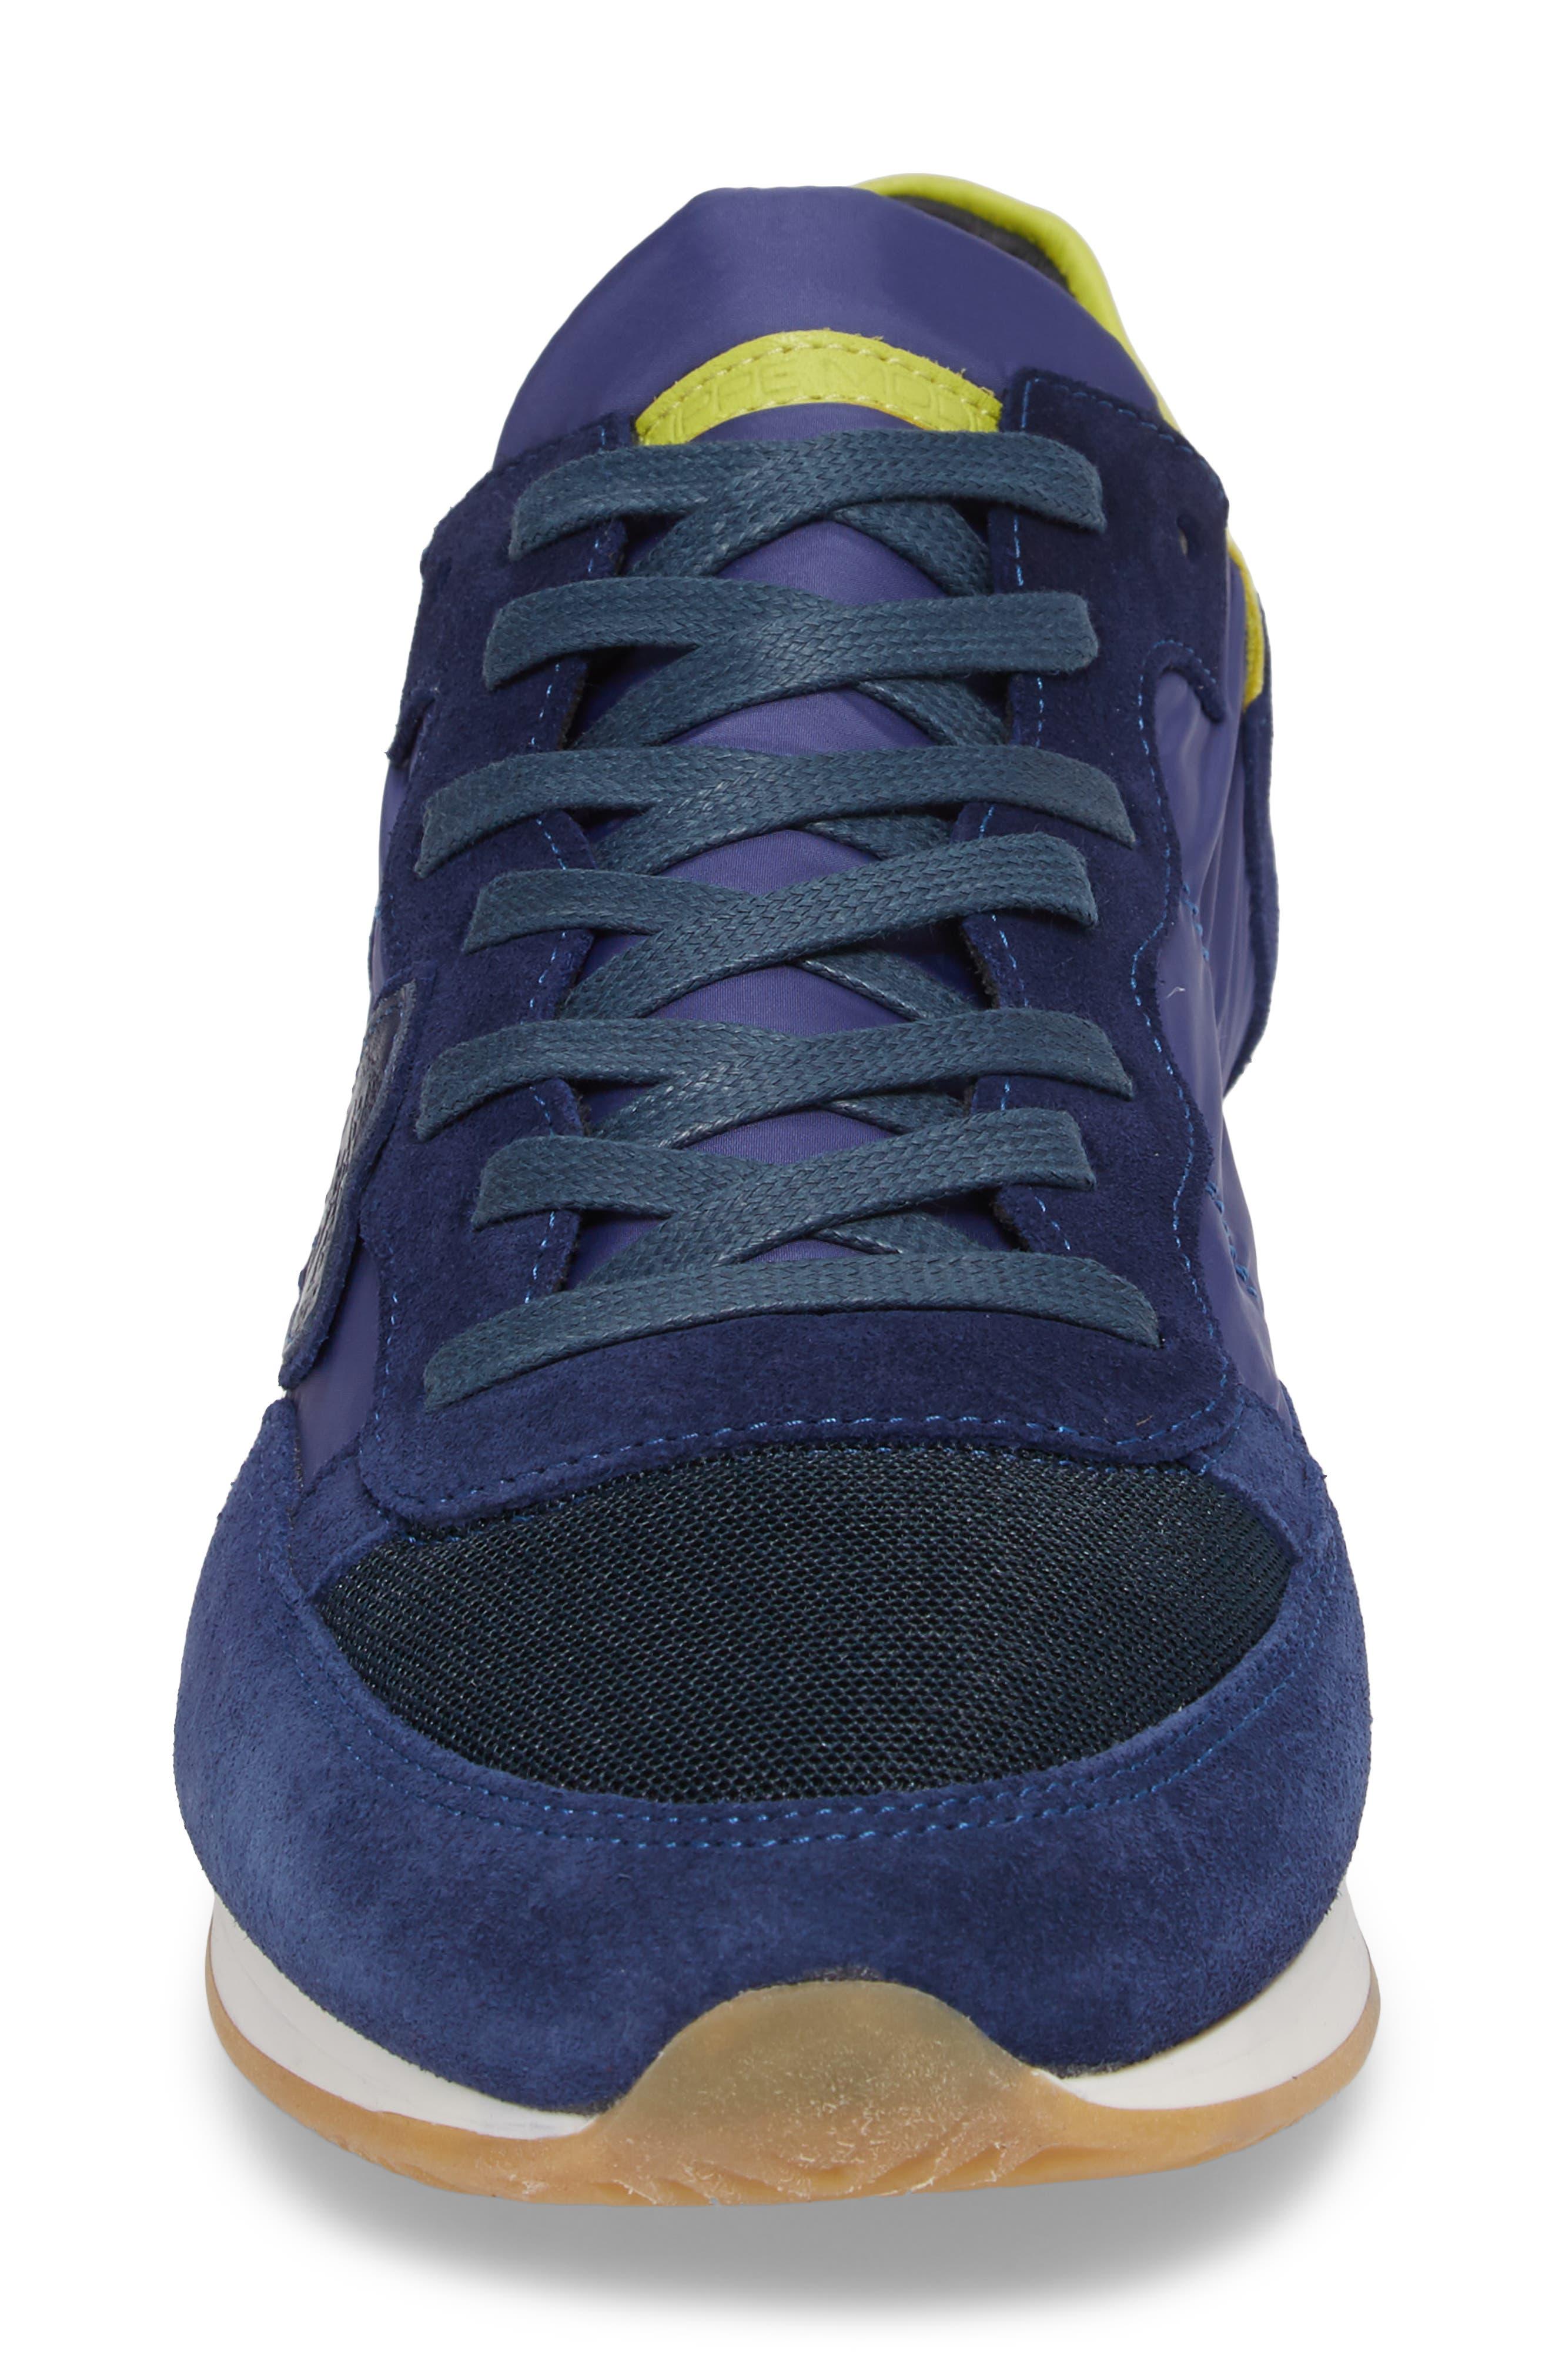 Tropez Low Top Sneaker,                             Alternate thumbnail 4, color,                             Blue/ Citron